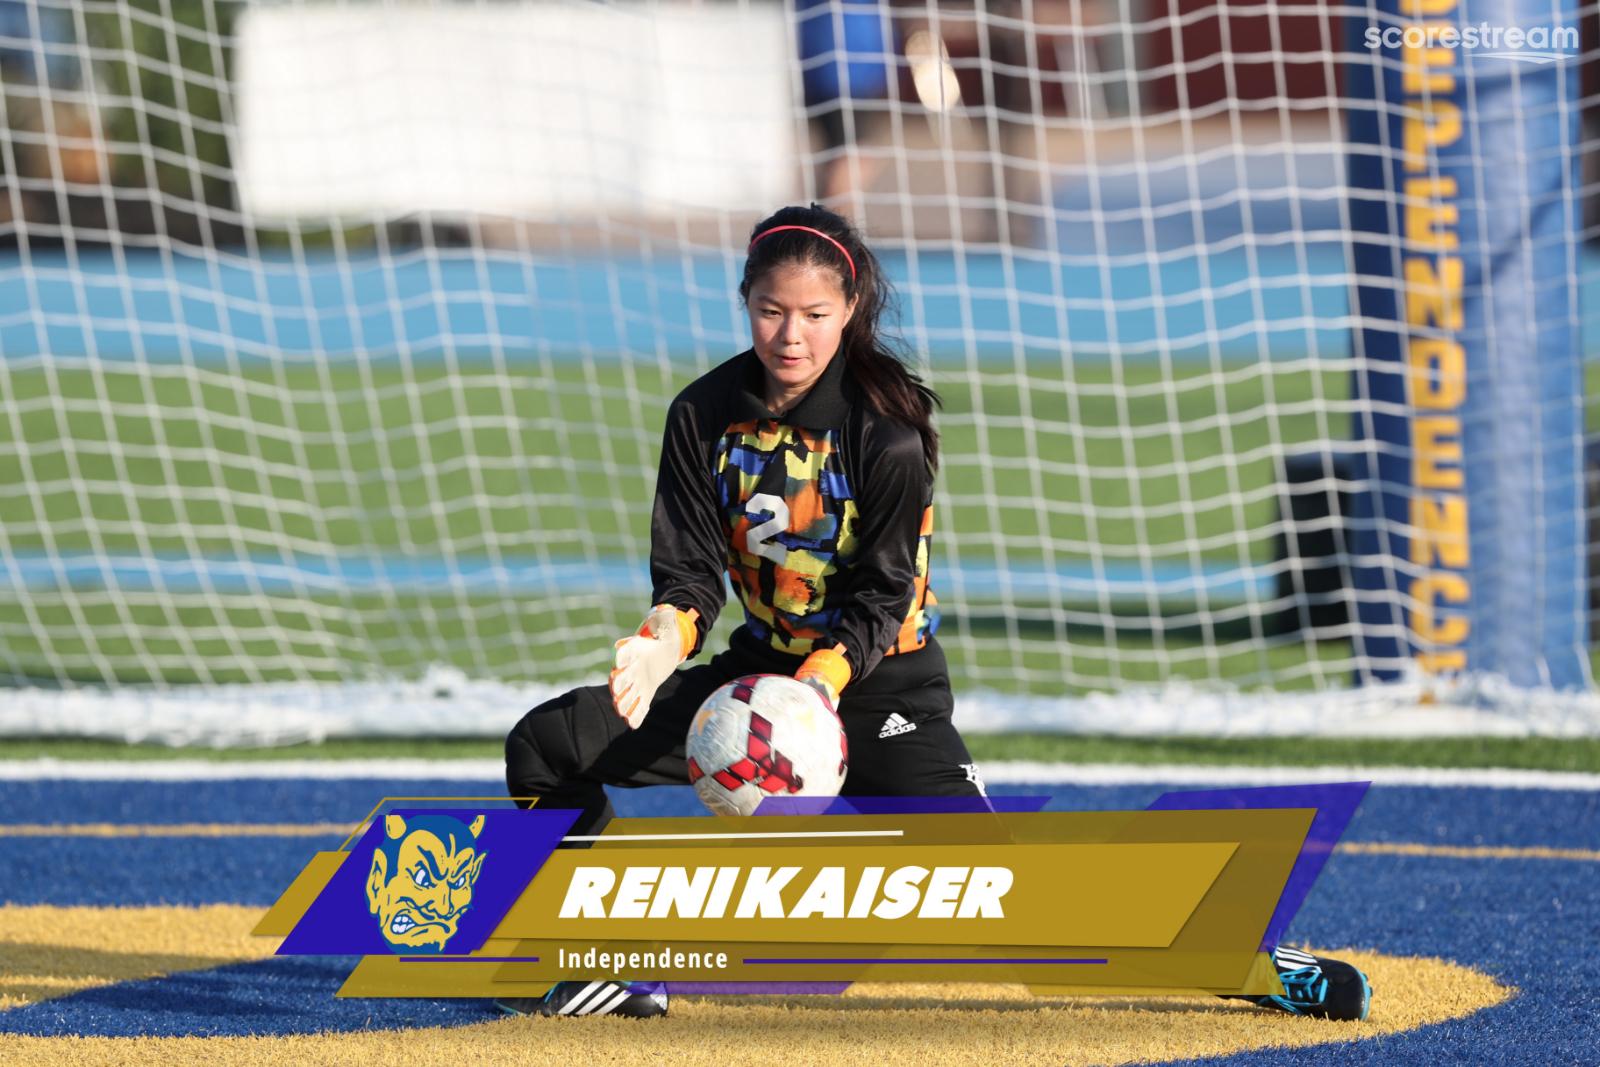 Let's Meet IHS Senior Athlete: Reni Kaiser